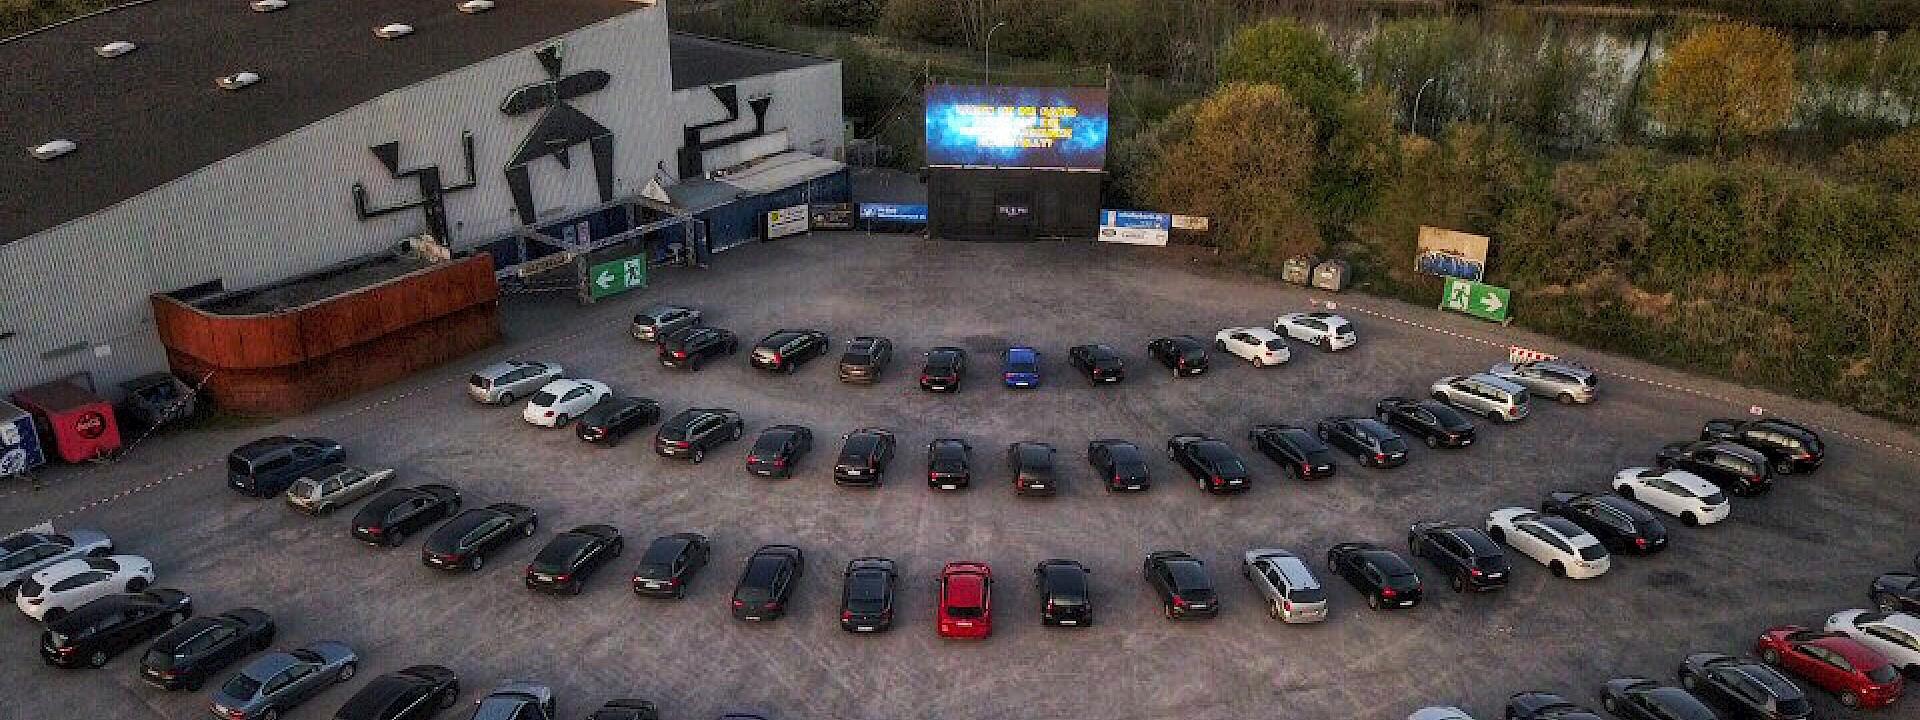 Autokinos im Münsterland